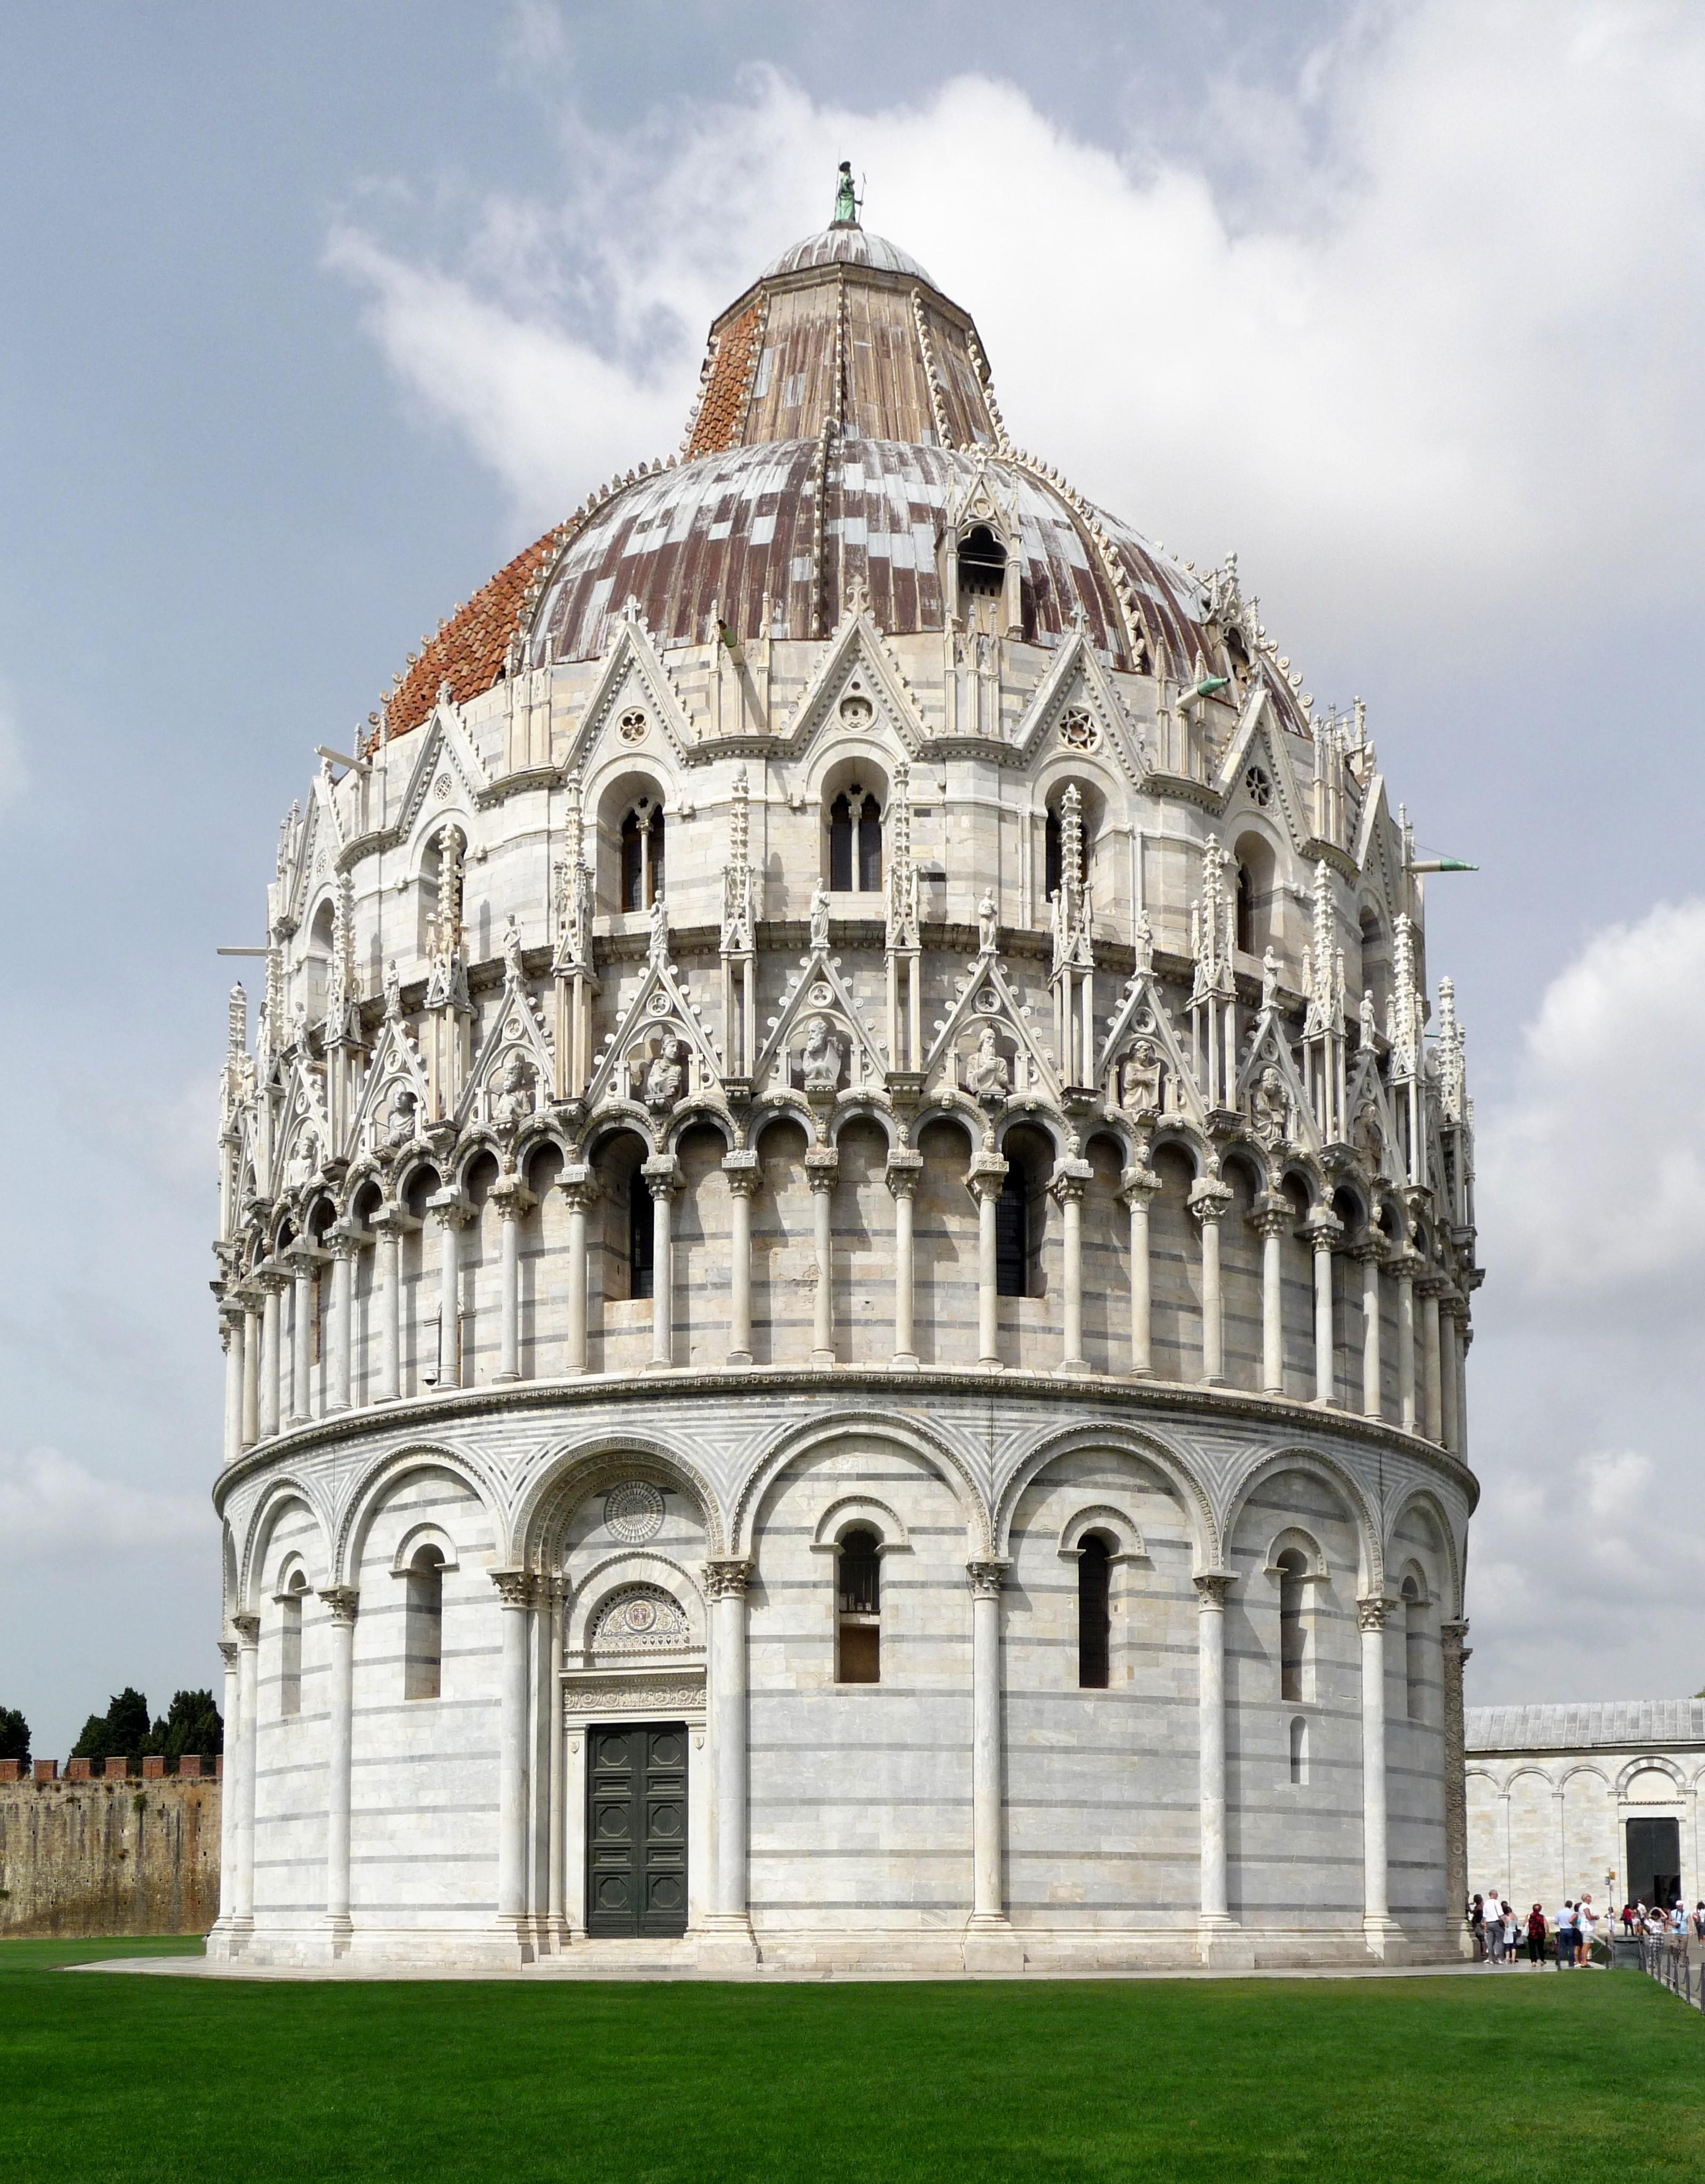 File:Battistero Piazza del Duomo, Pisa.jpg - Wikimedia Commons